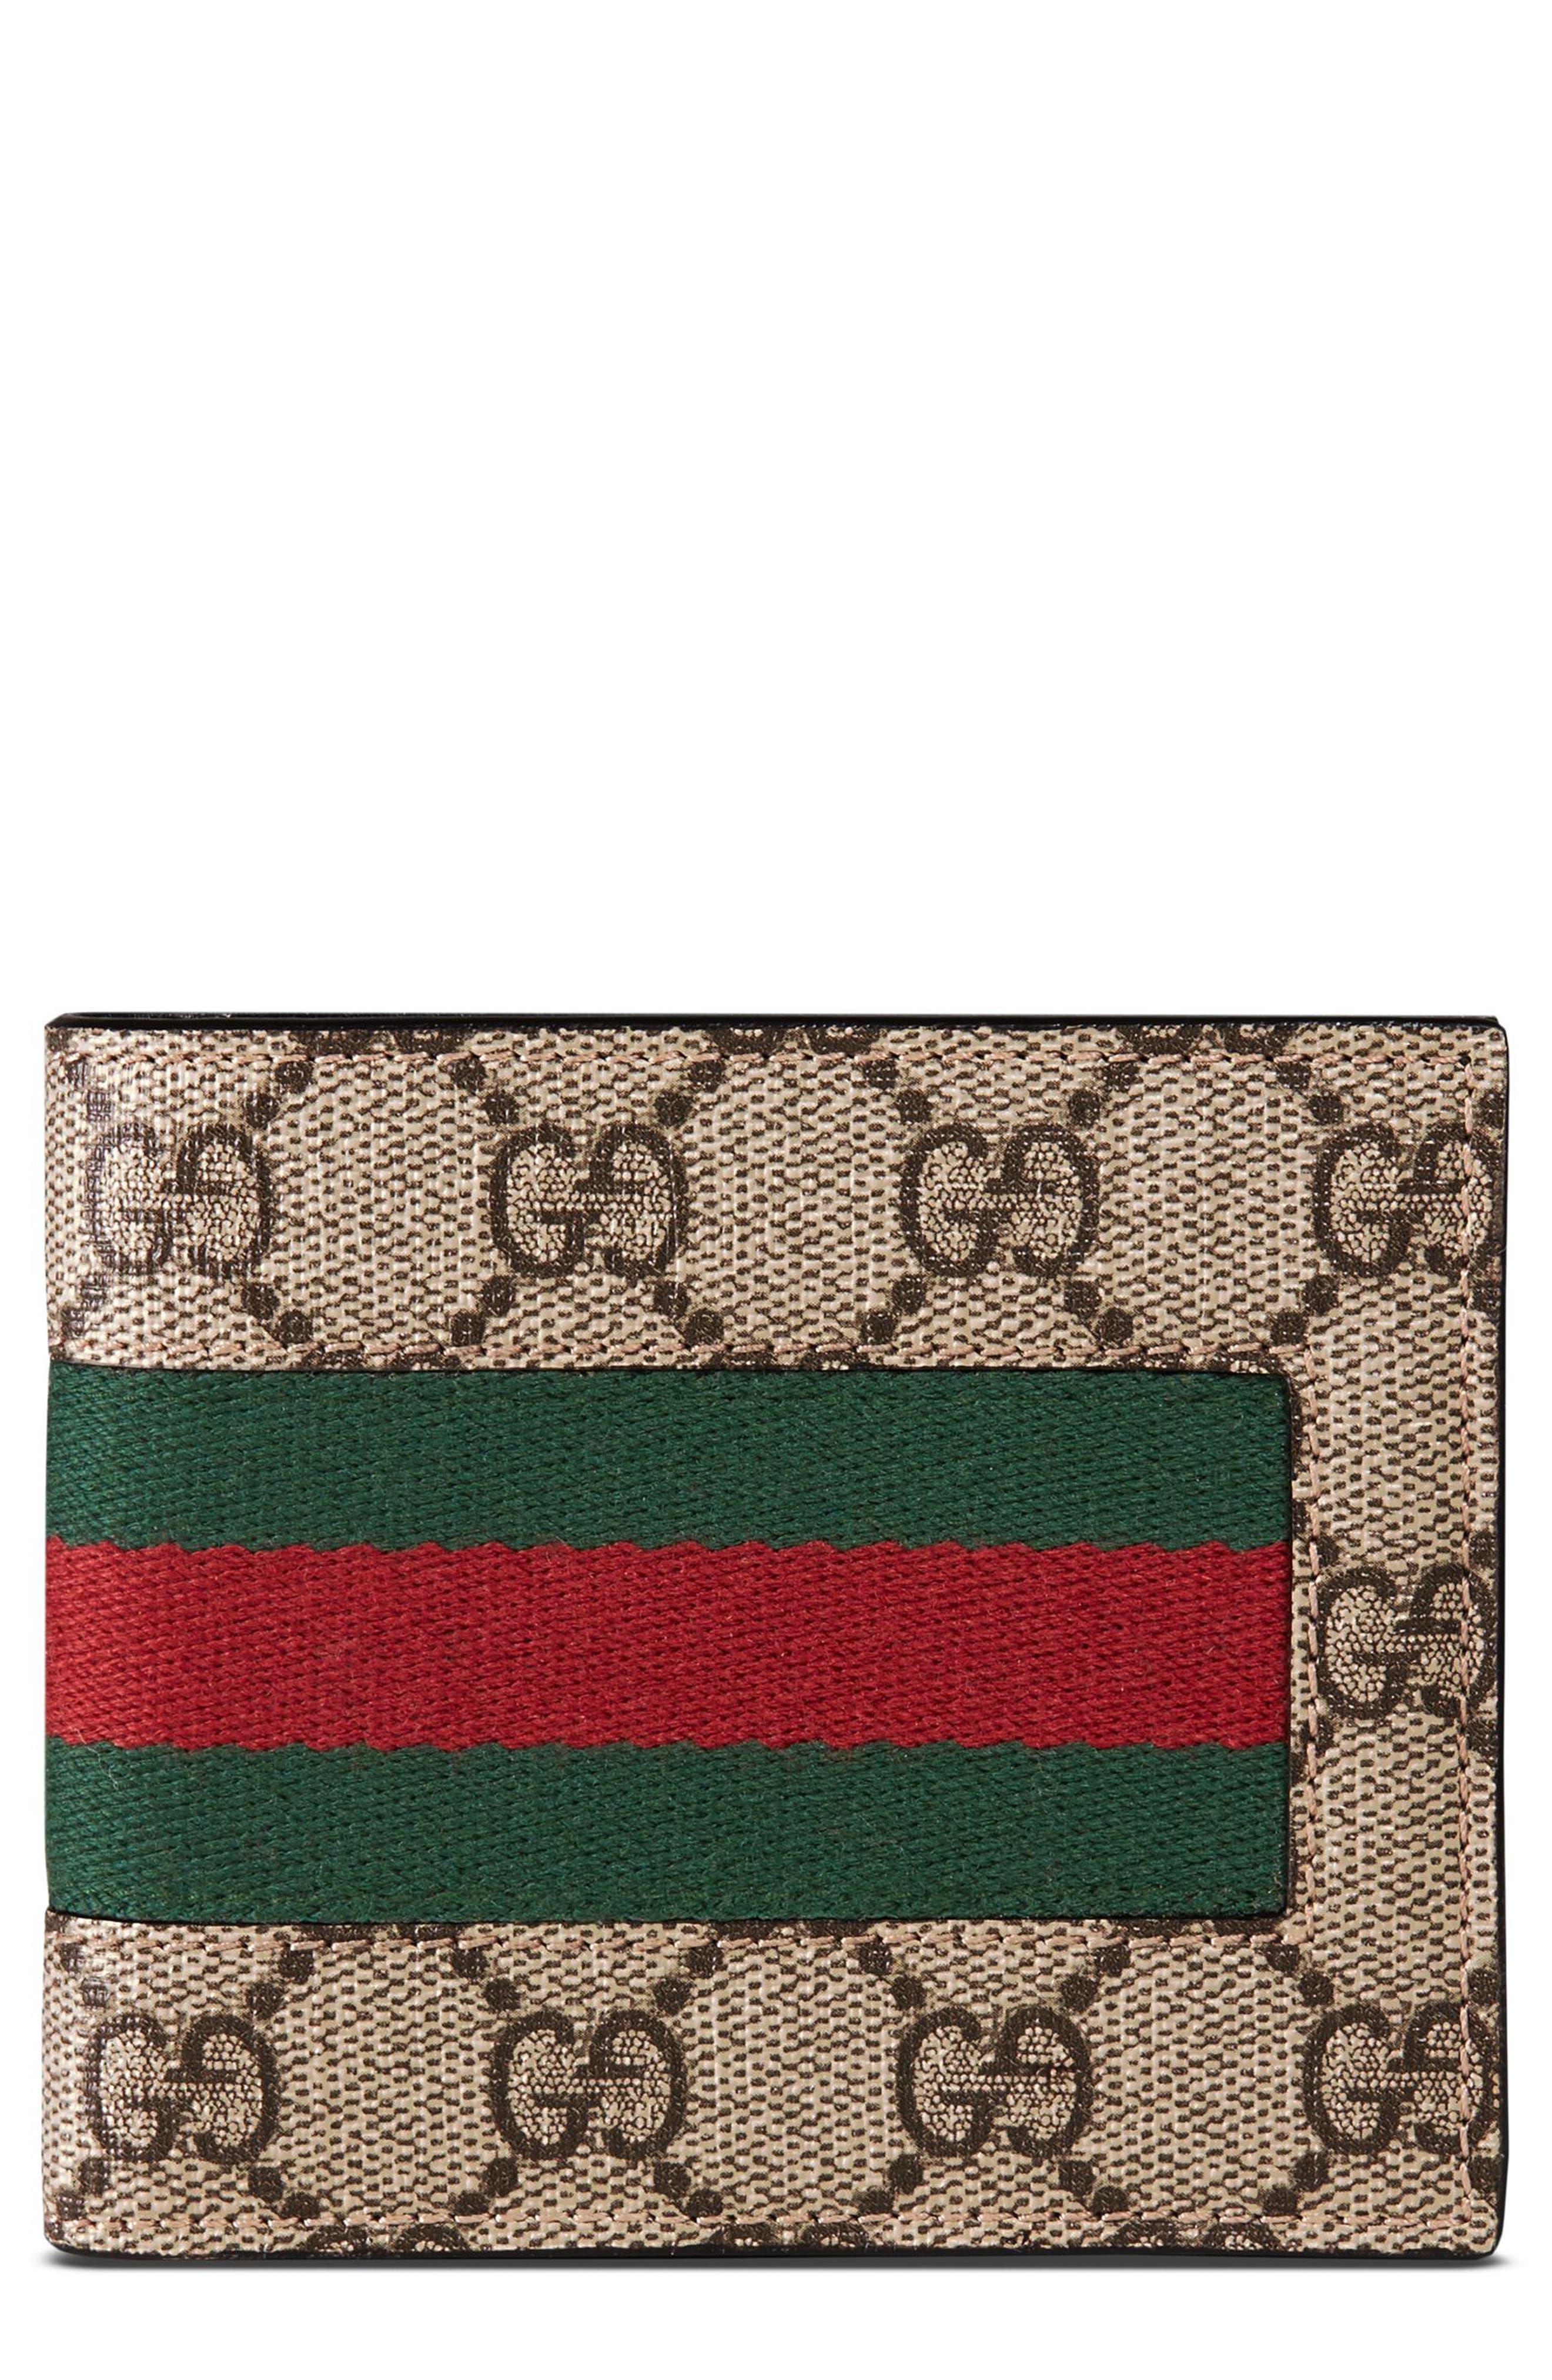 Supreme Wallet,                             Main thumbnail 1, color,                             Tan